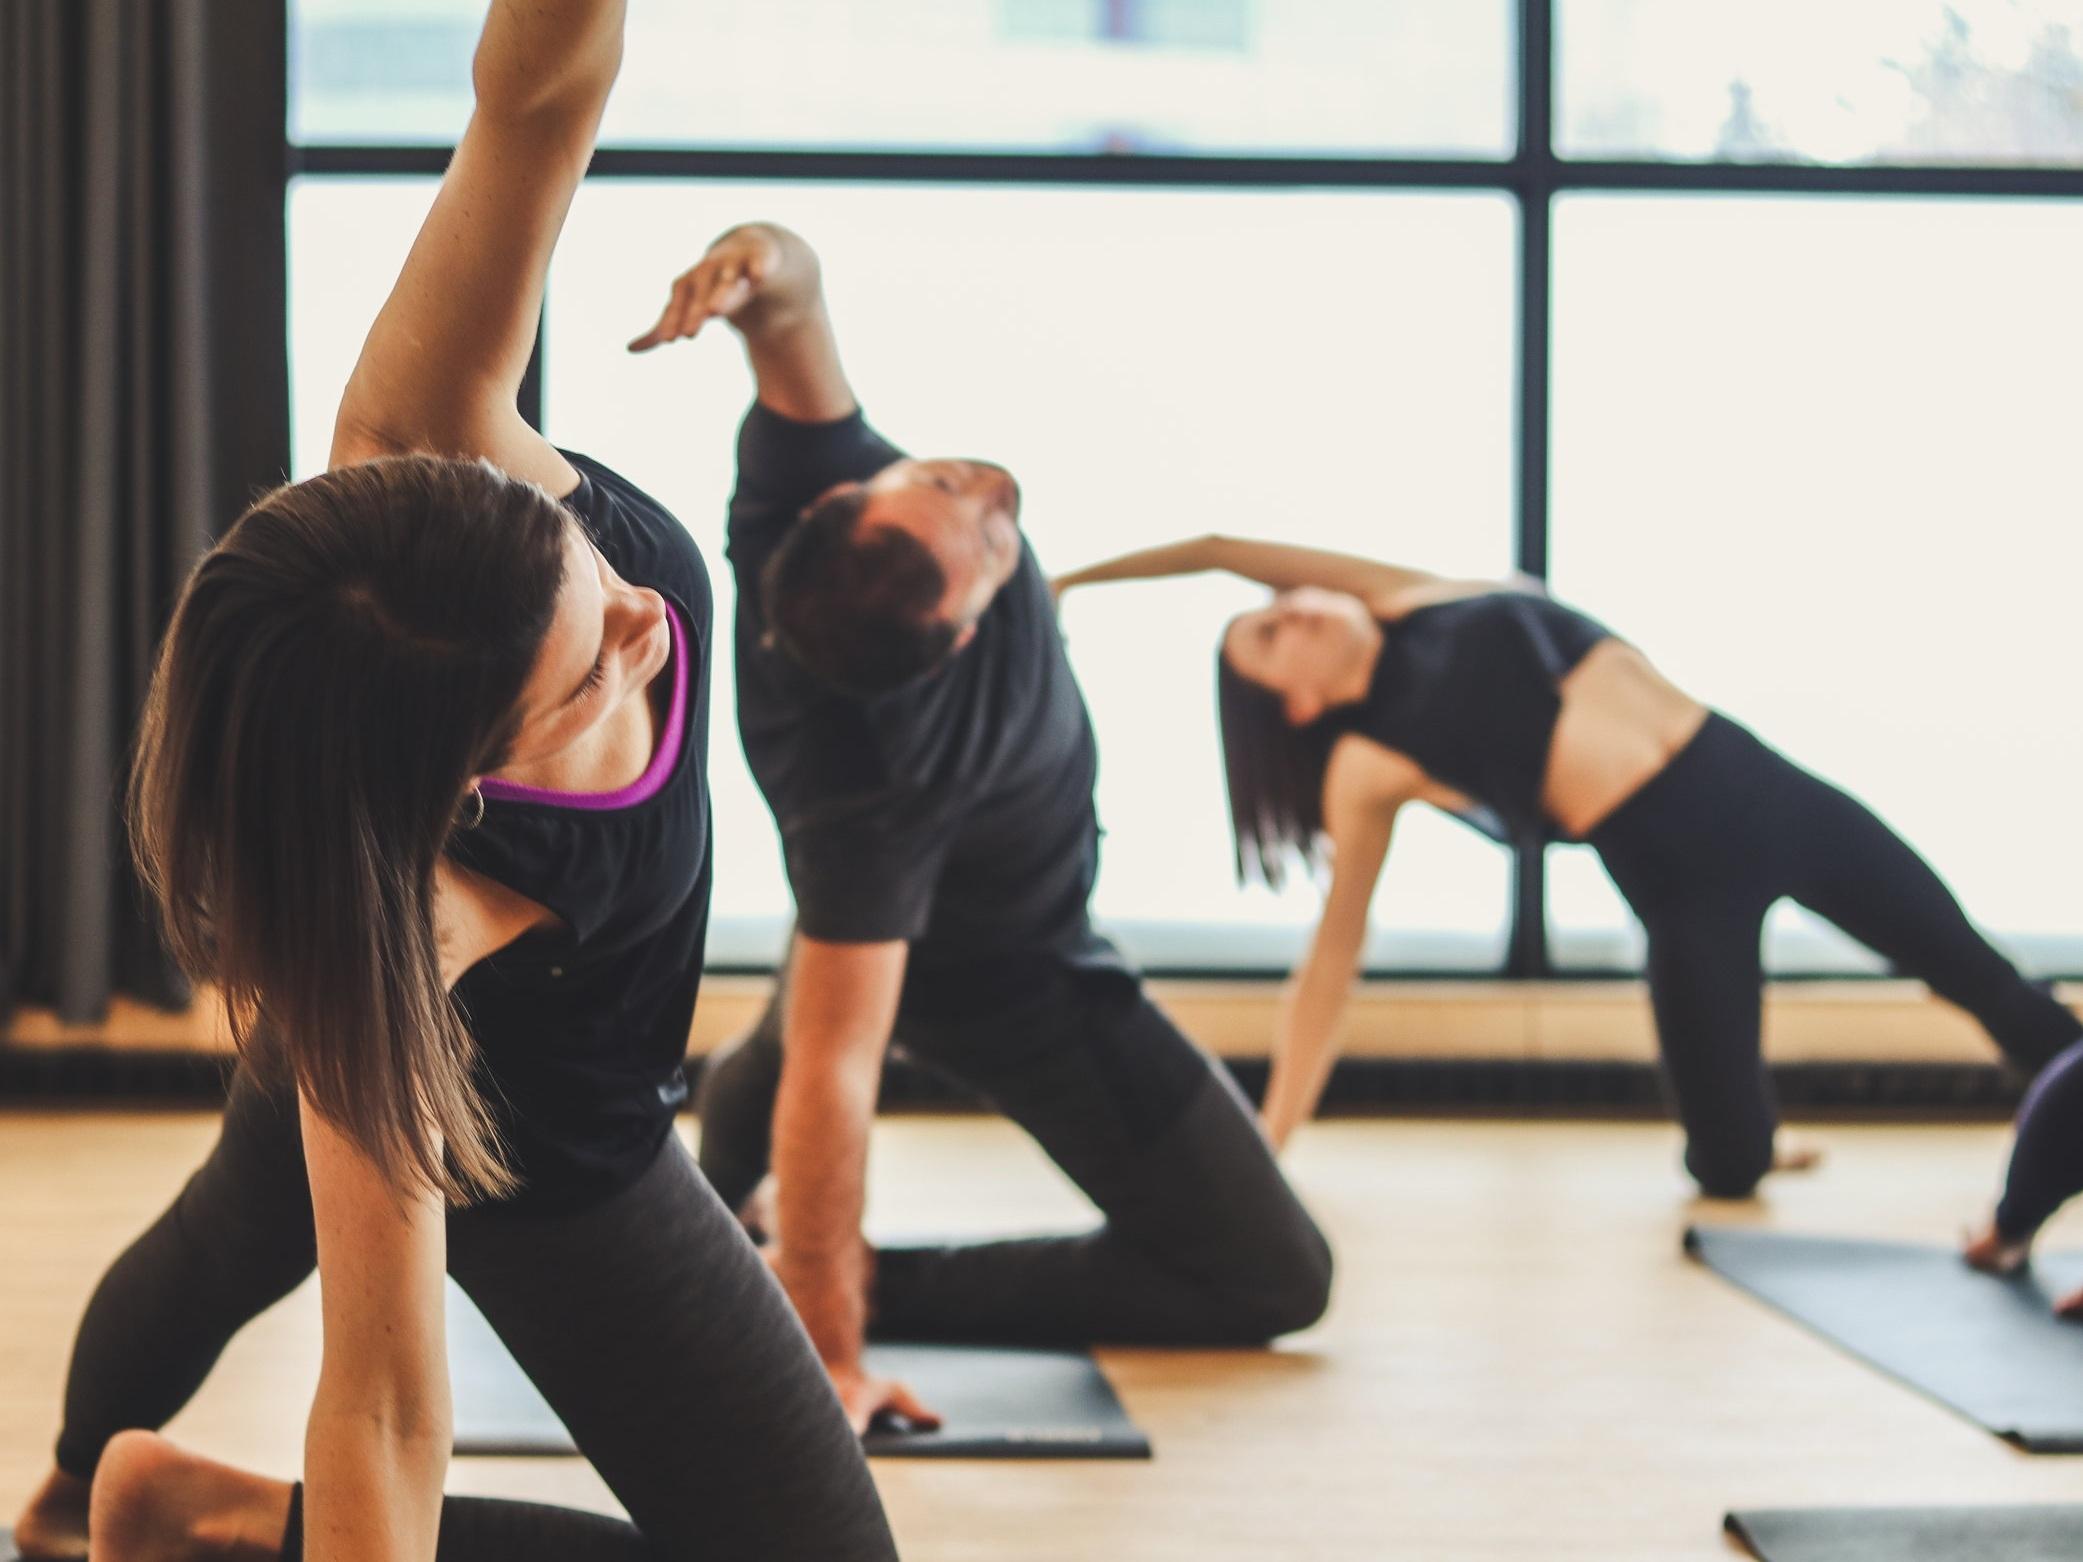 LA POSE - Cette pratique requiert un effort physique fort. Dans cette classe, nous allons bâtir une 'Peak Pose'. Tout au long de la classe, nous réchaufferons le corps avec des postures de yoga et calmeront l'esprit avec la respiration qui nous permettra de sortir de notre zone de confort et essayer quelque chose de nouveau.